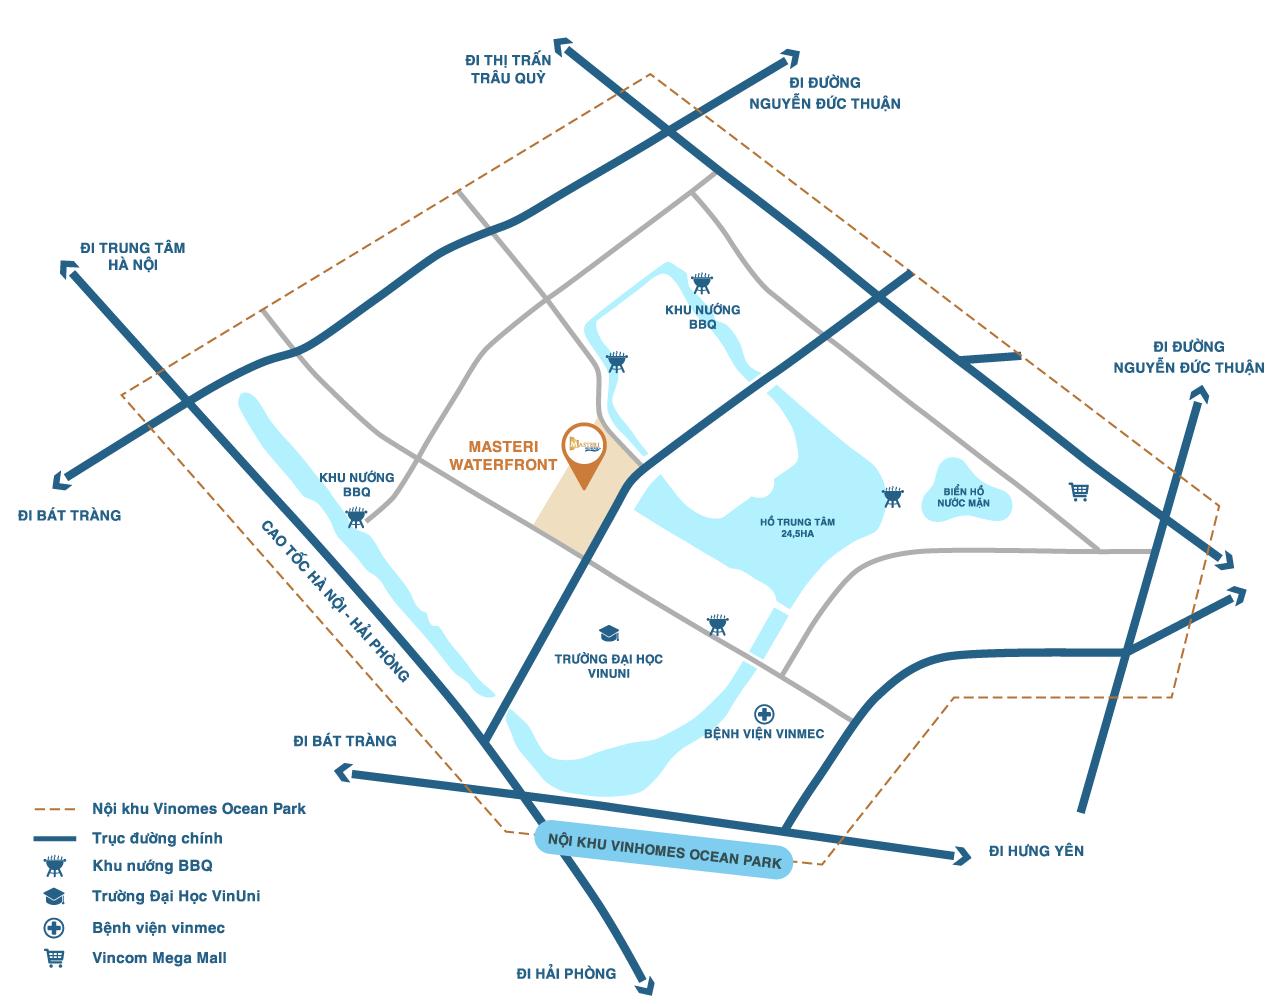 liên kết vùng dự án masteri waterfront